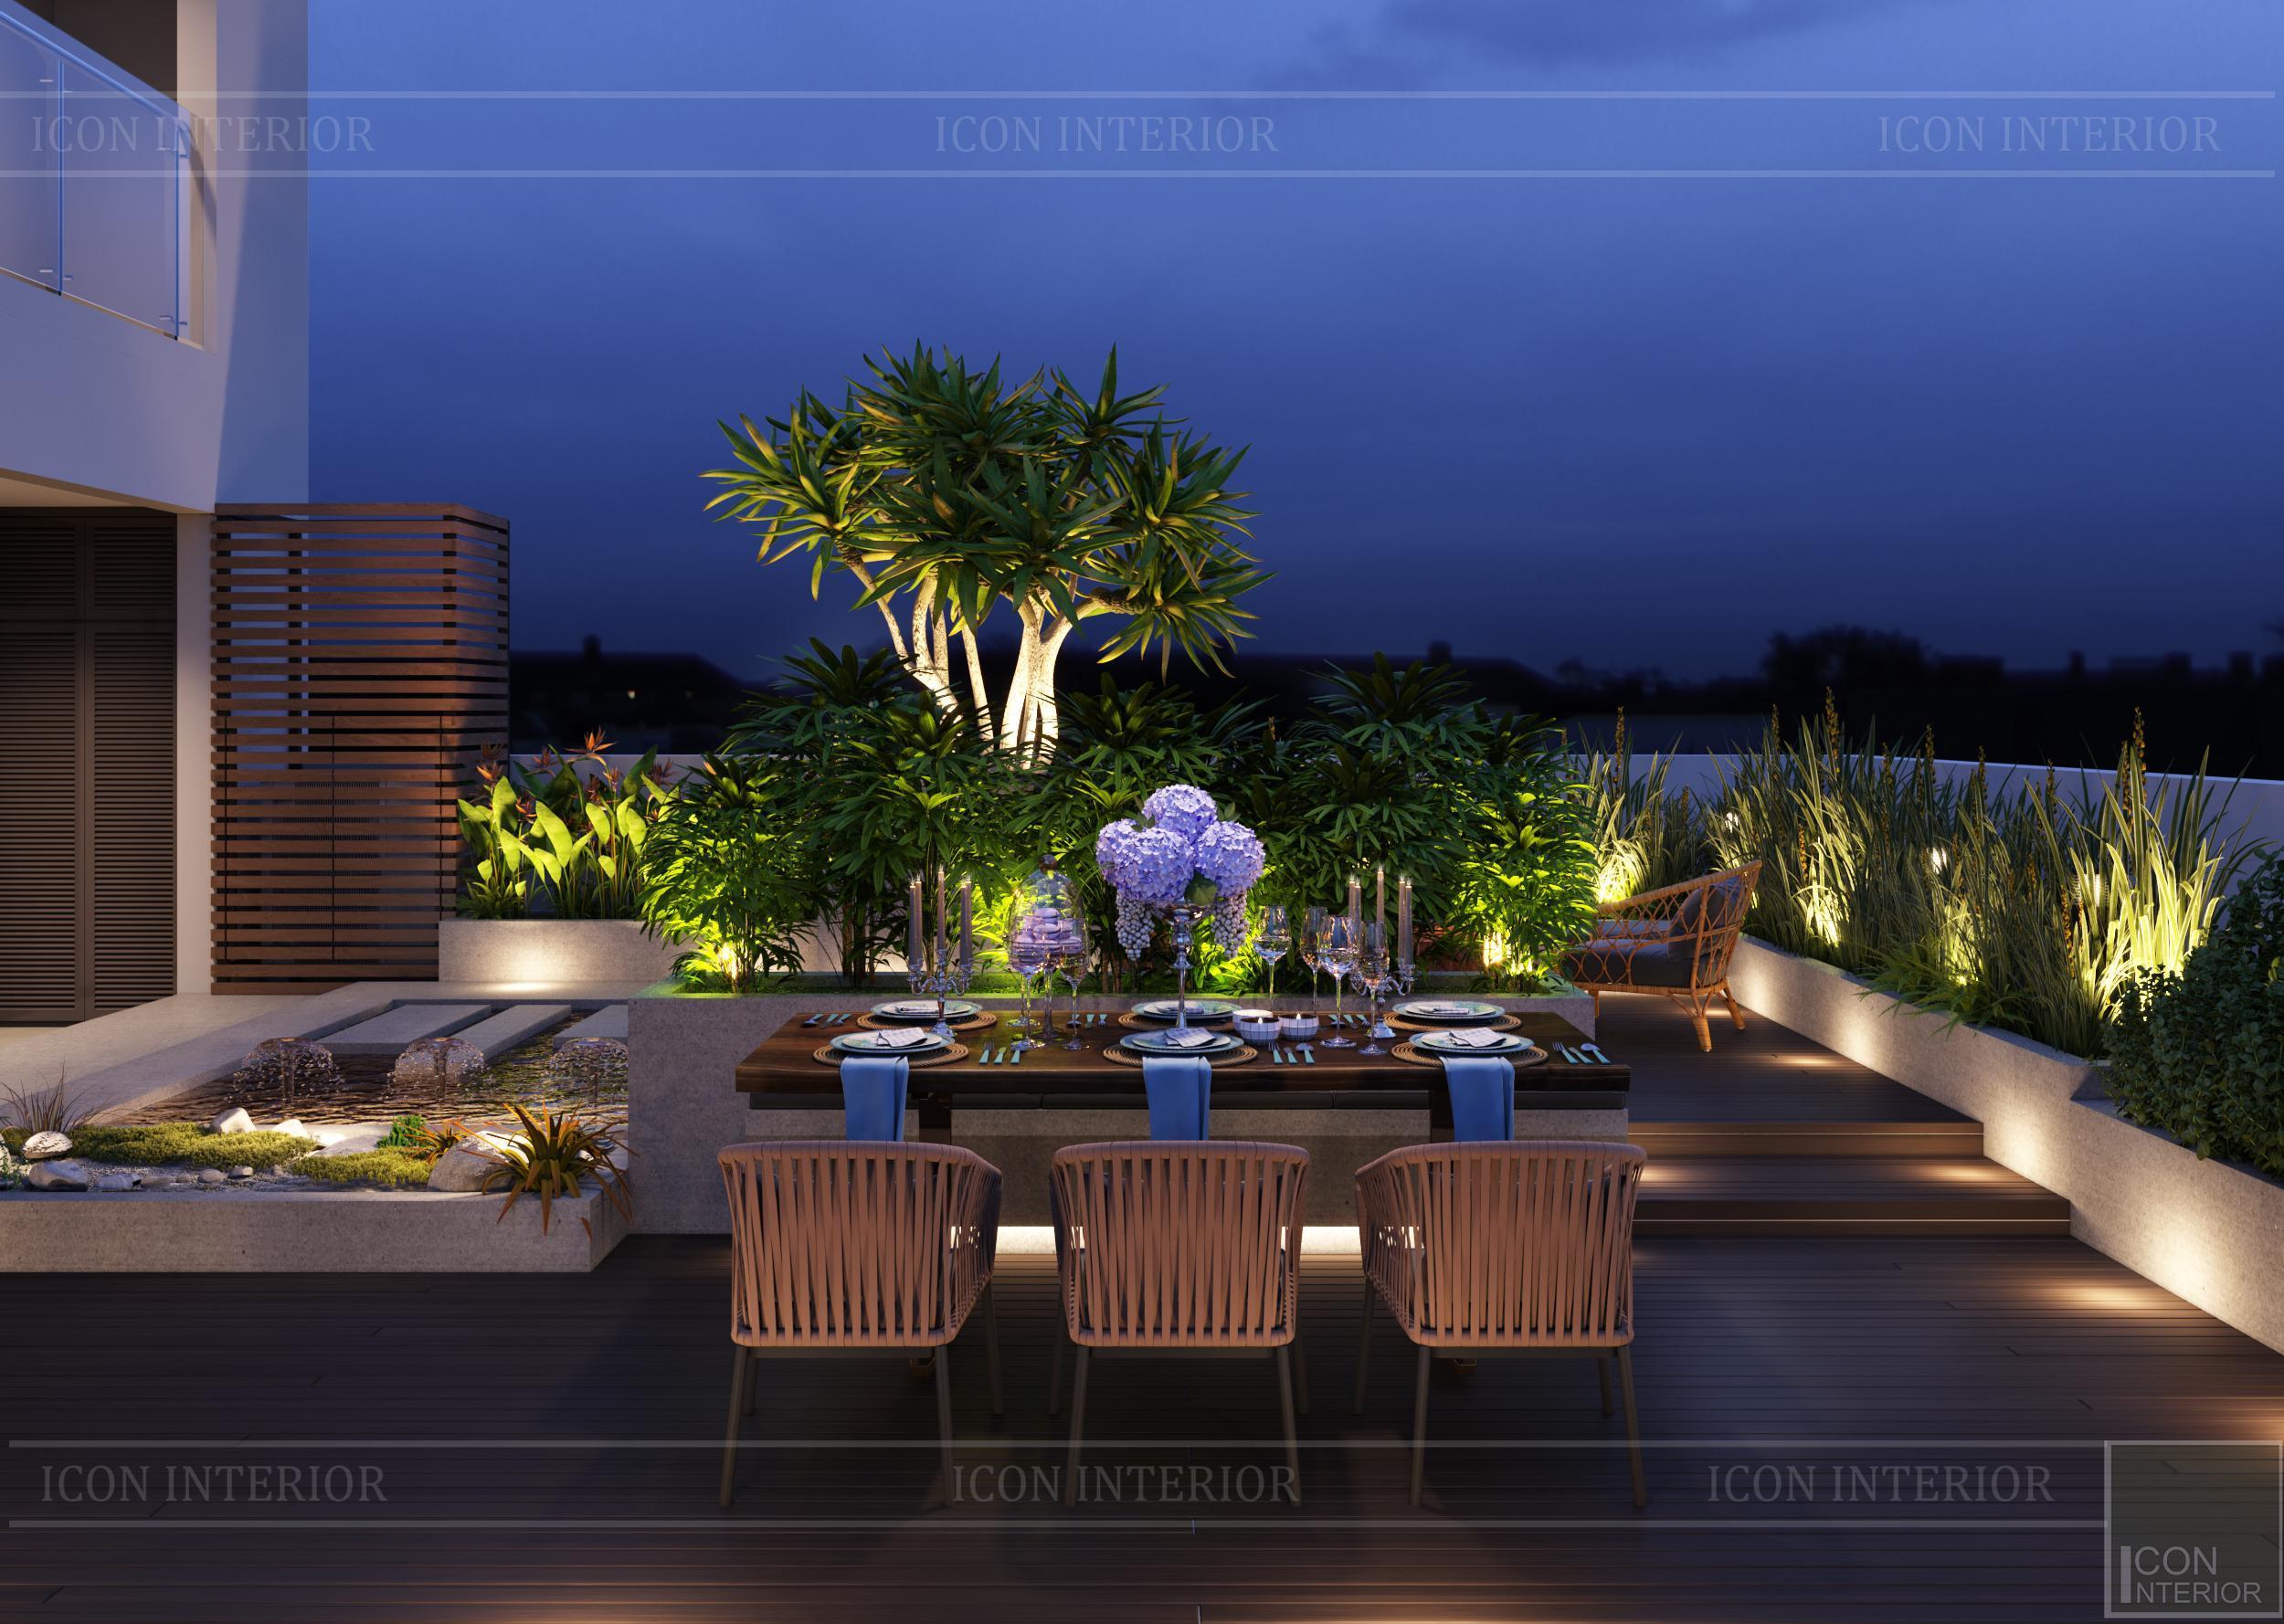 thiết kế nội thất hiện đại căn hộ kingston residence sân vườn 1